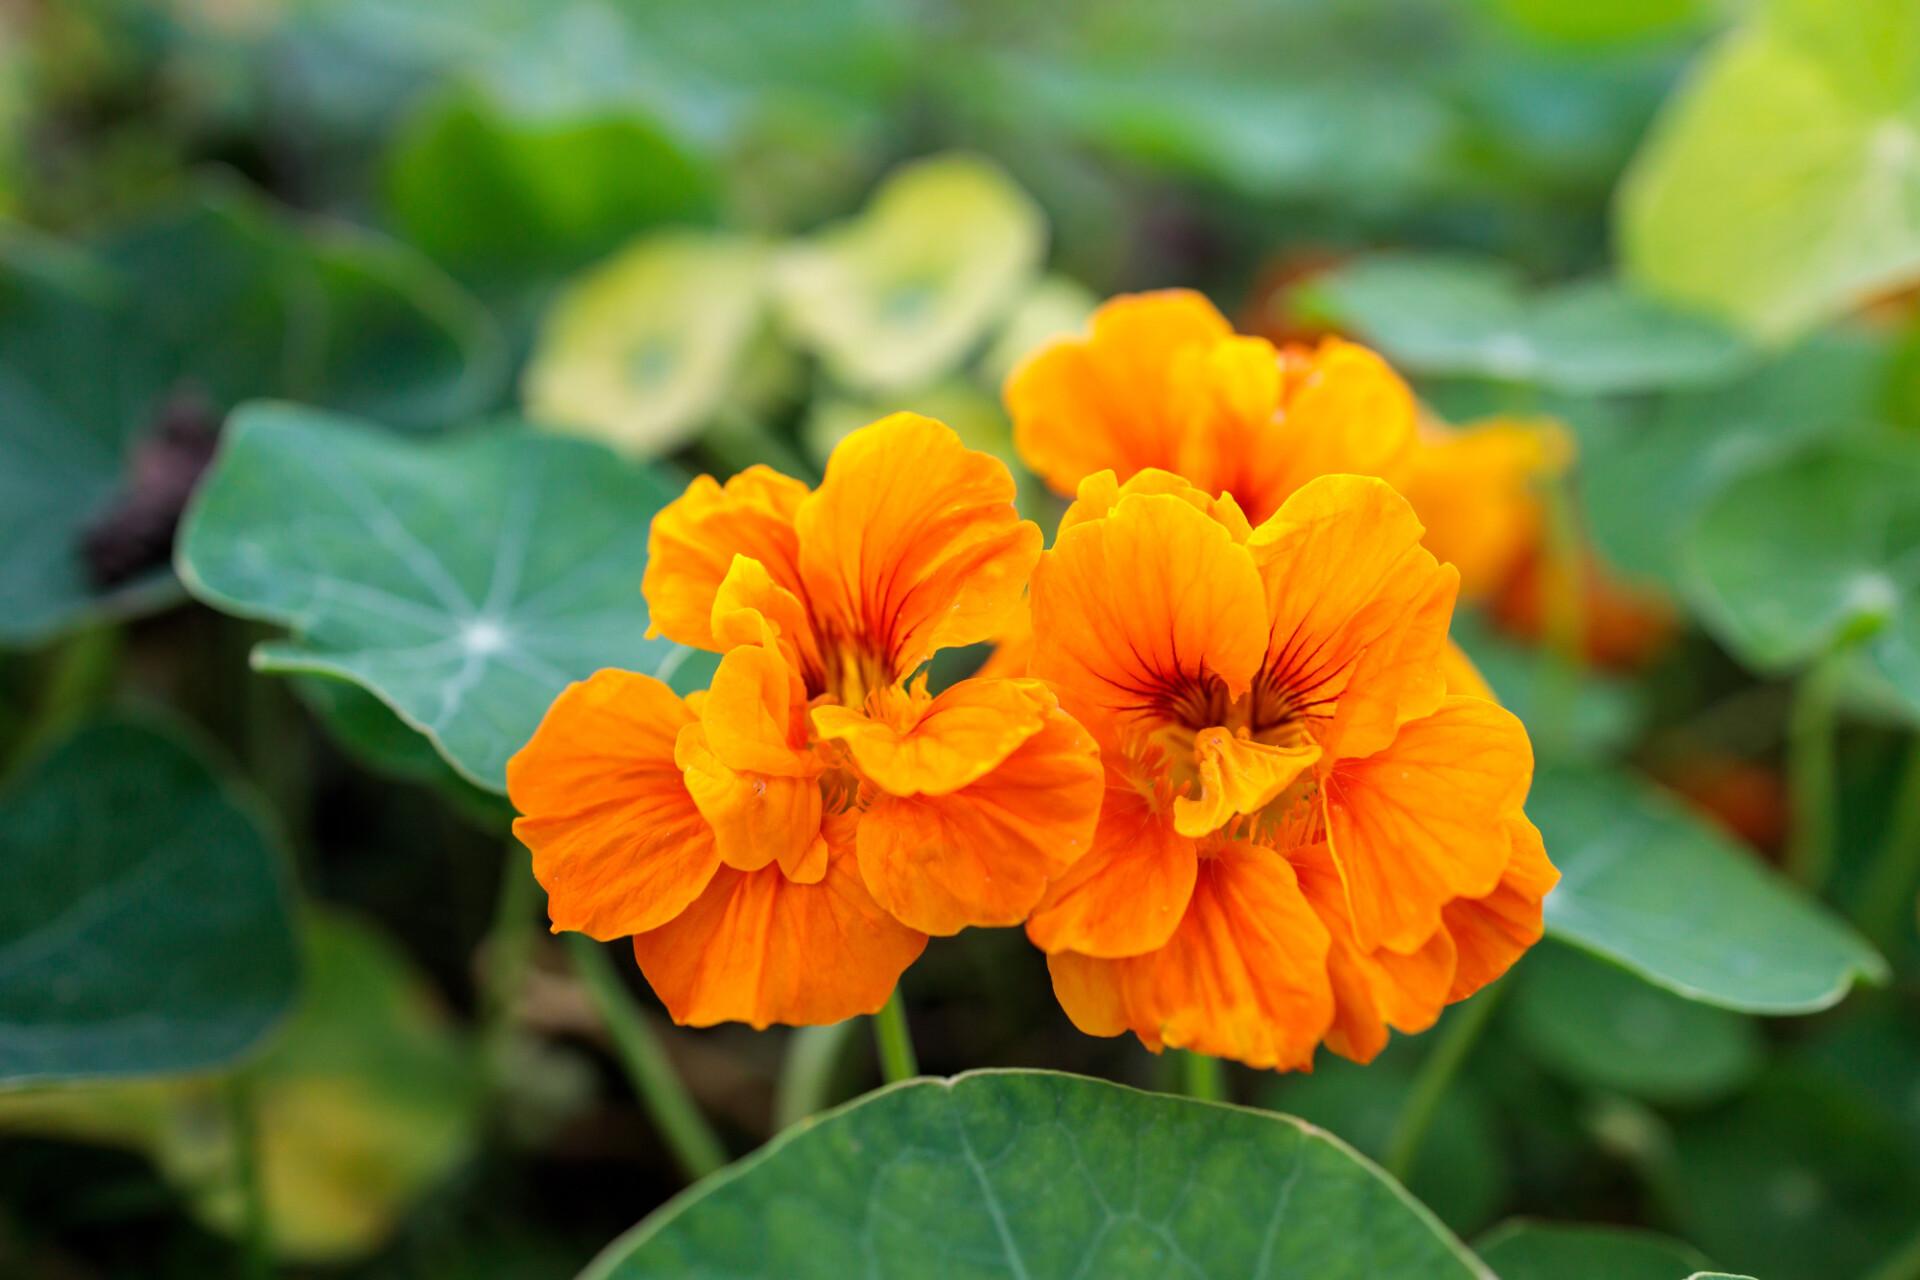 Garden Nasturtium edible plants in an organic garden